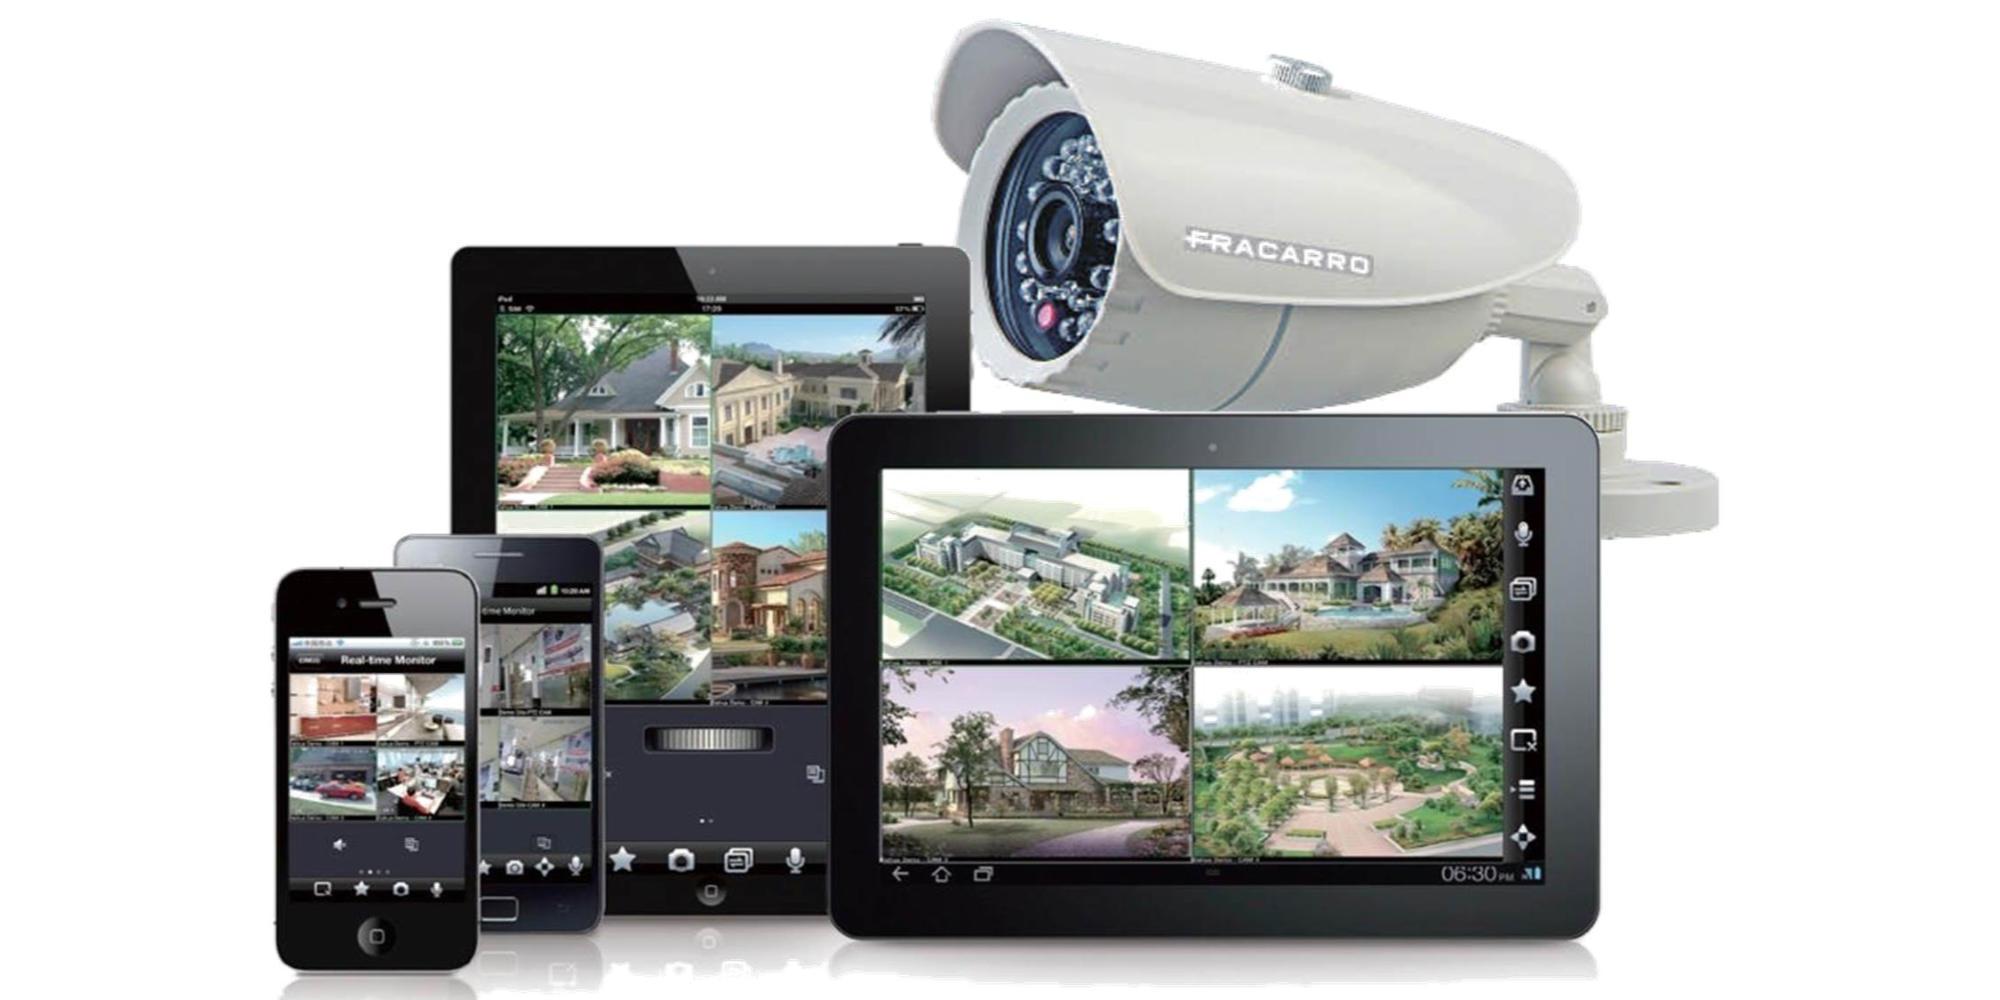 Comment choisir une caméra de surveillance wifi?